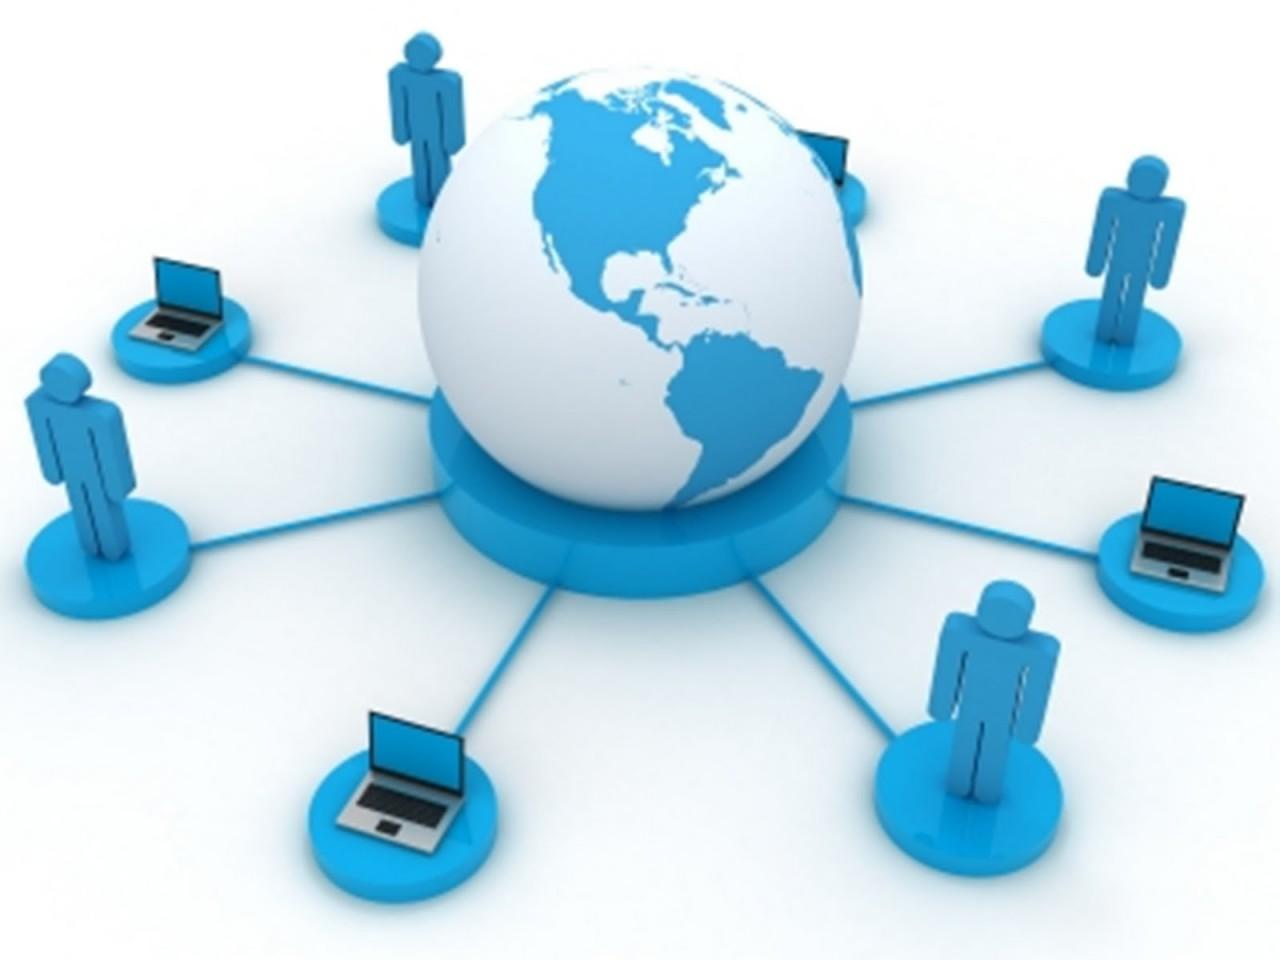 Internet e Intranet: termos semelhantes, funções diferentes. Confira!